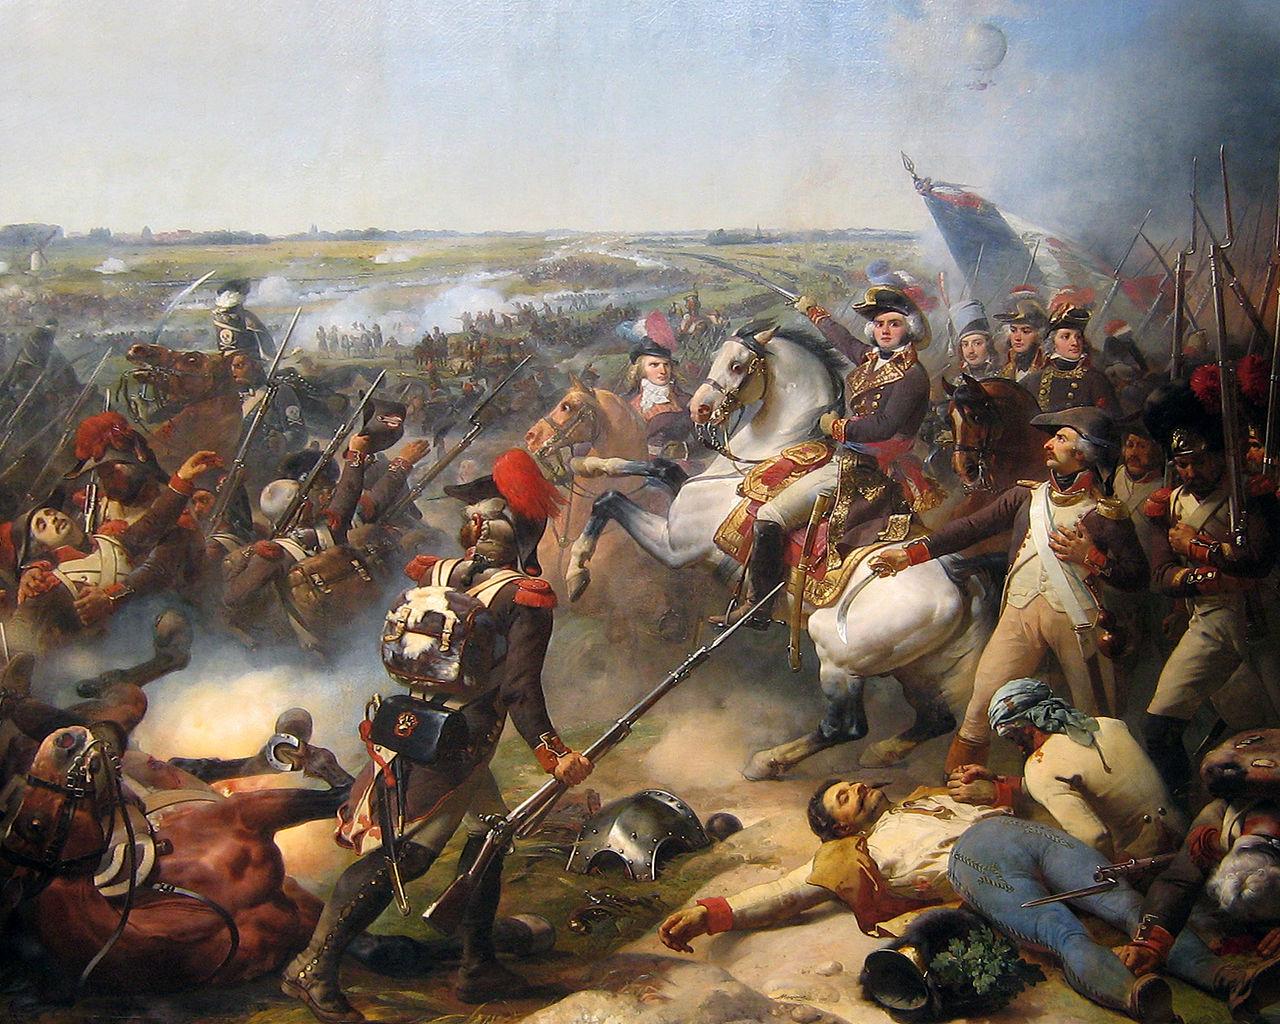 Battle of Fleurus (1794), 1837, Jean-Baptiste Mauzaisse, Galerie des Batailles, Versailles, France